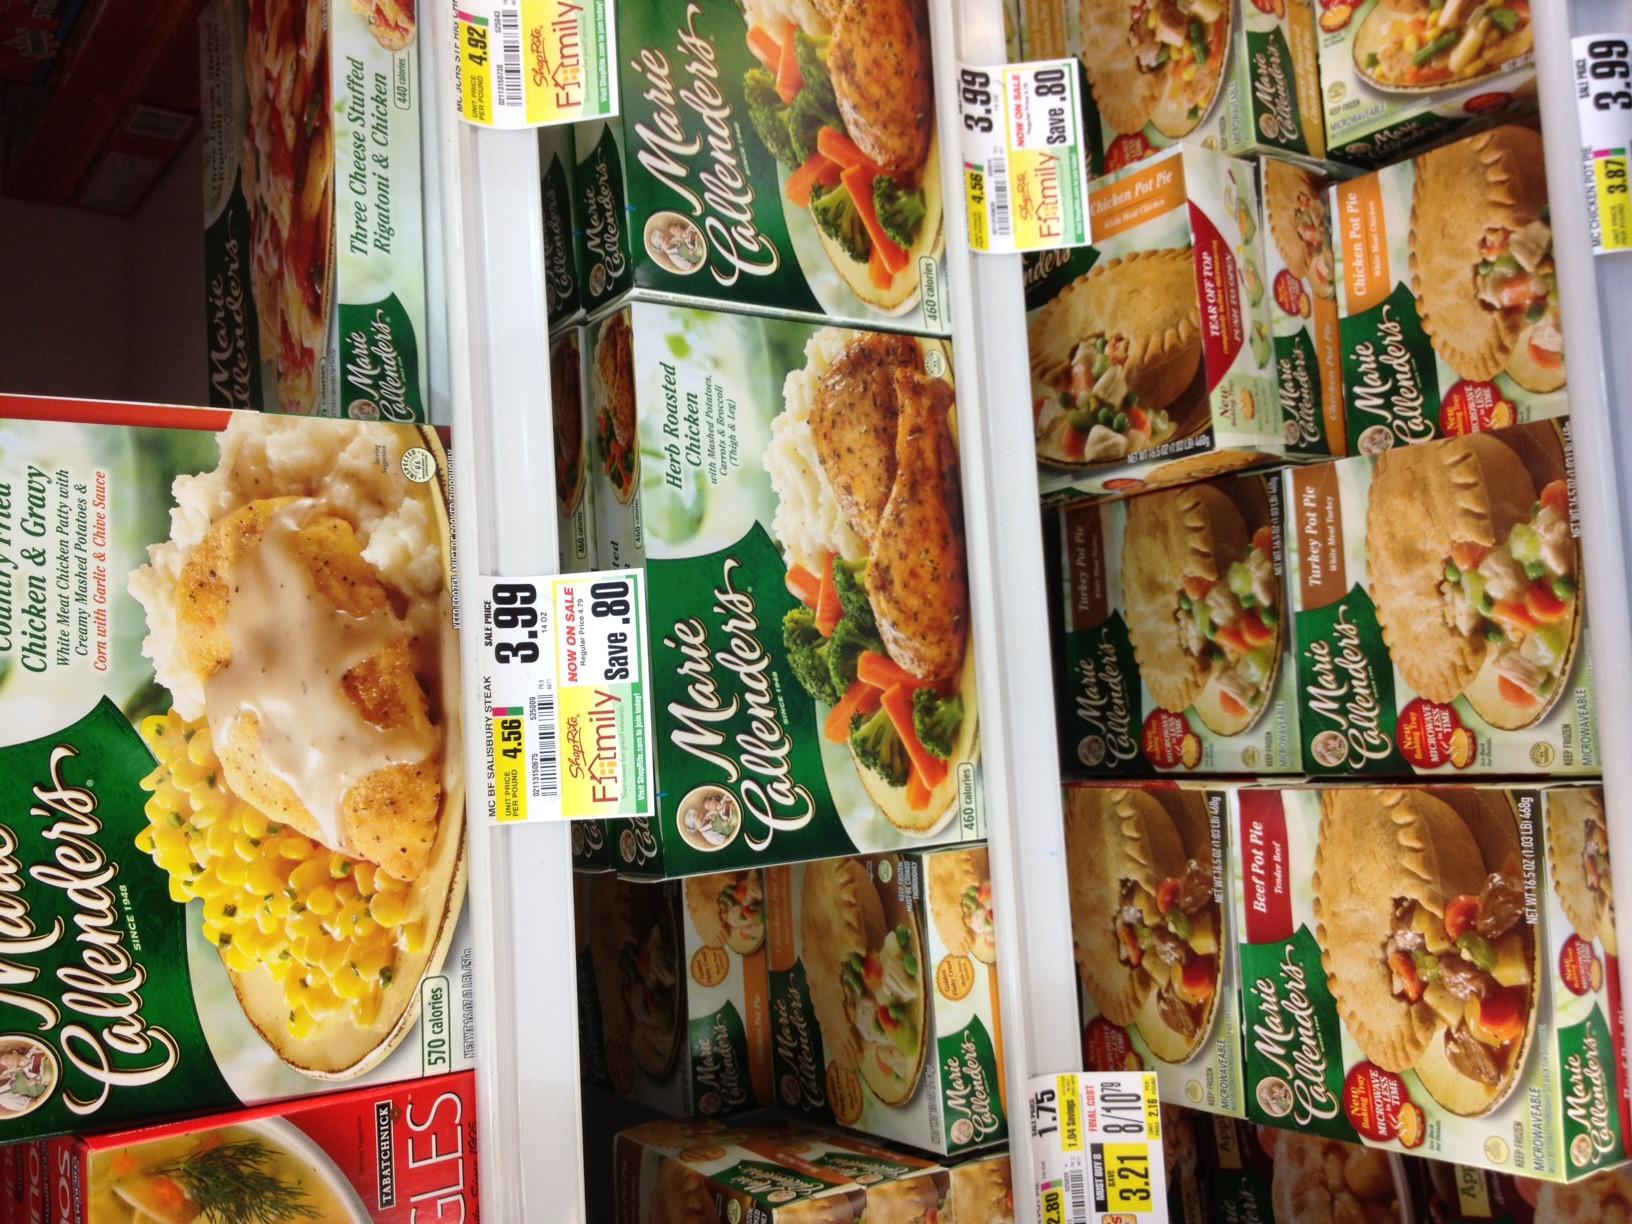 Marie Calendars Thanksgiving Dinner  Review Marie Callender's Pot Pies